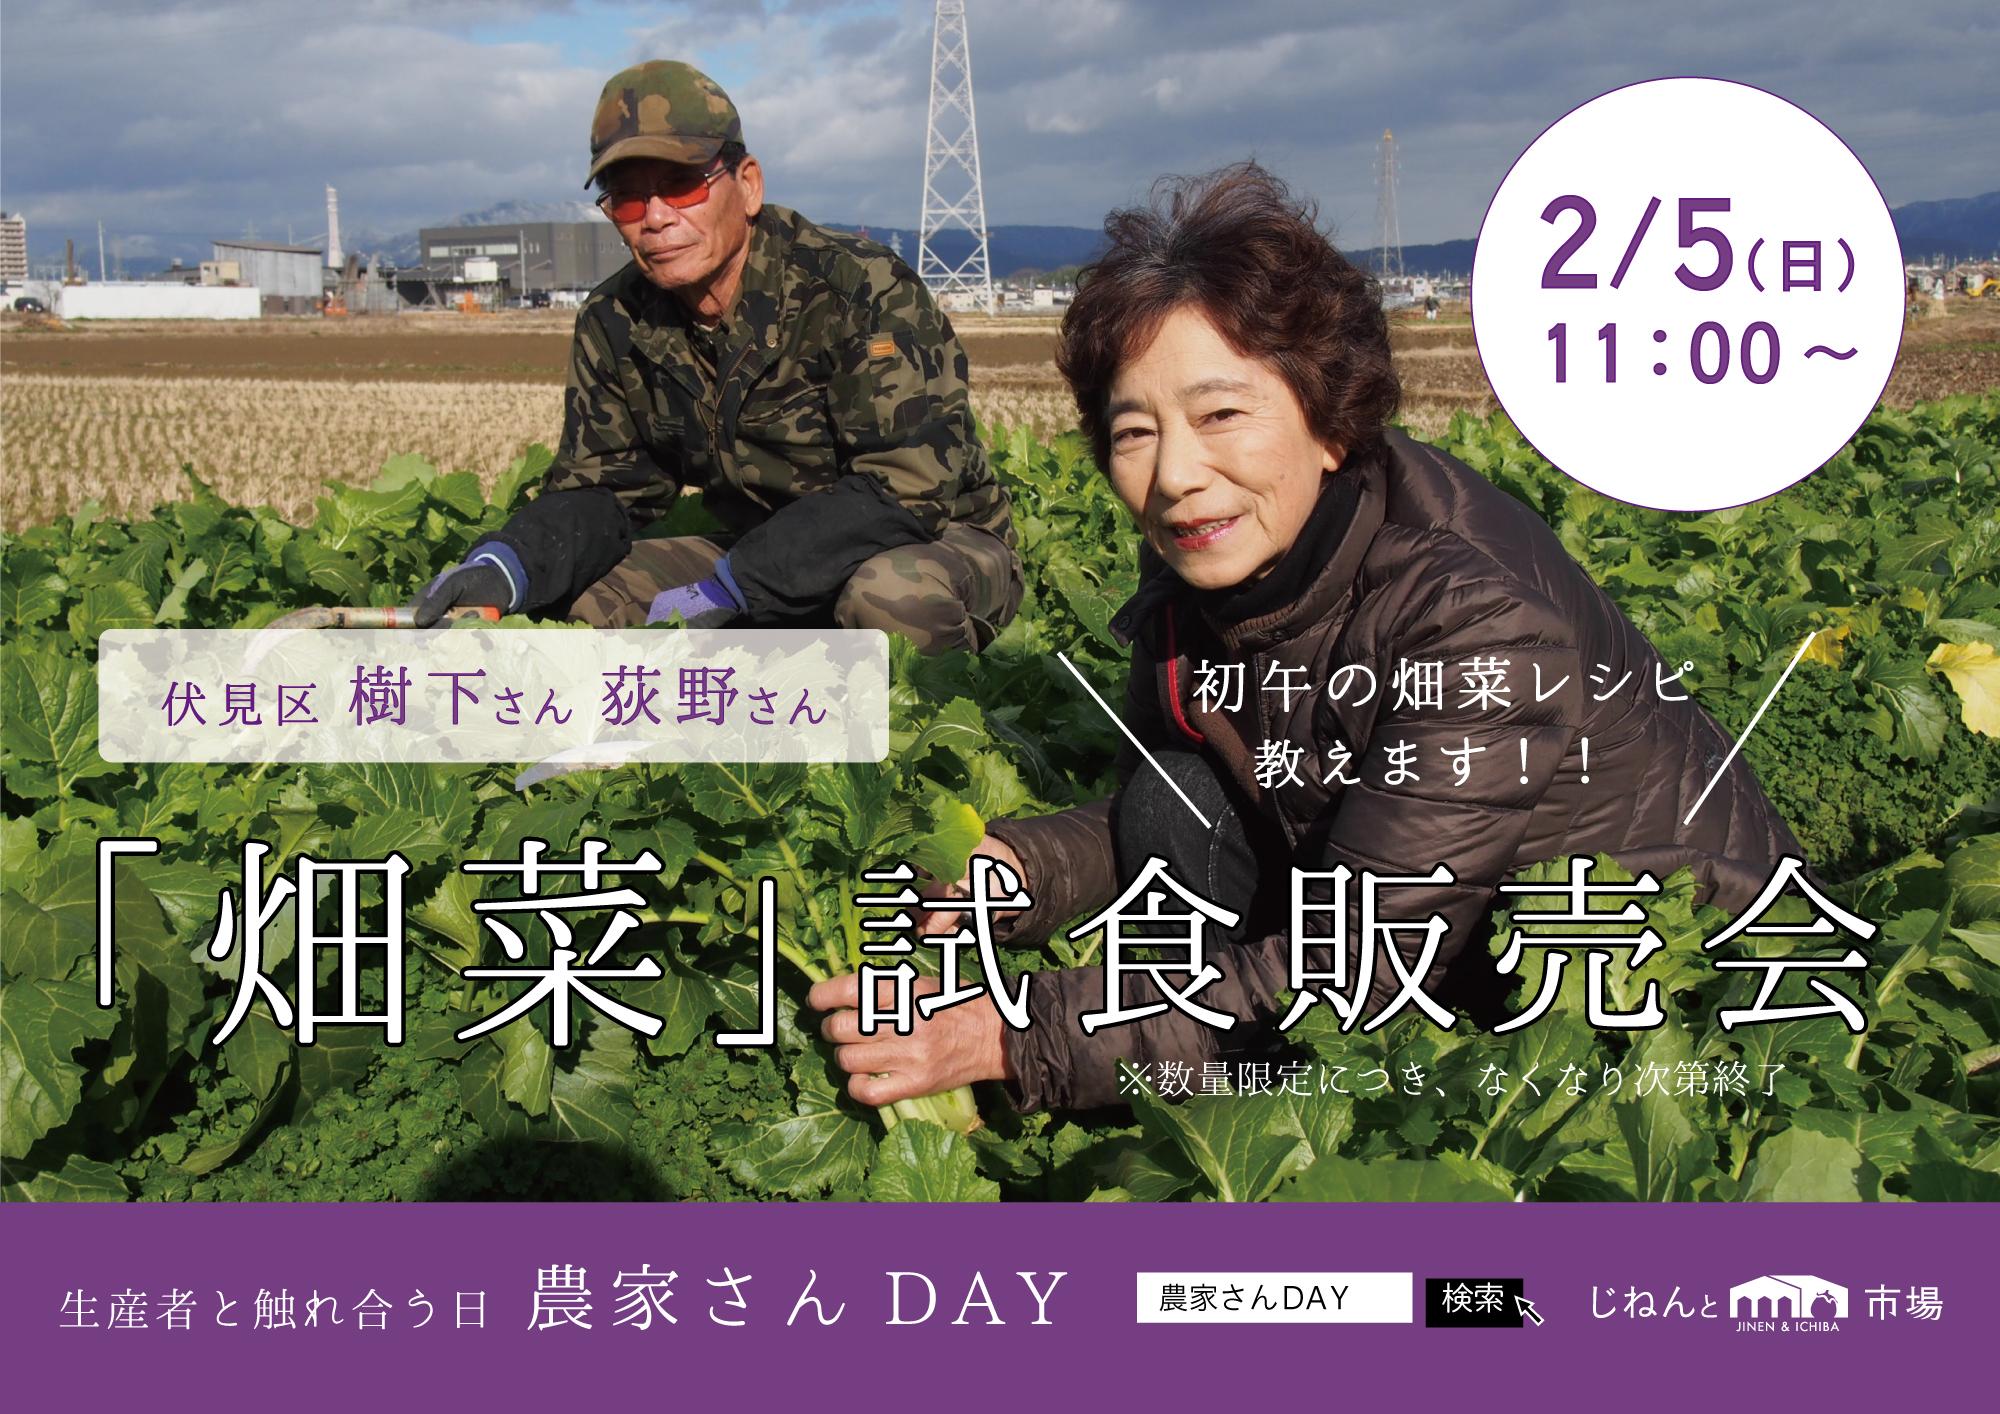 2/5(日)農家さんDAY 少し早めの初午の畑菜料理